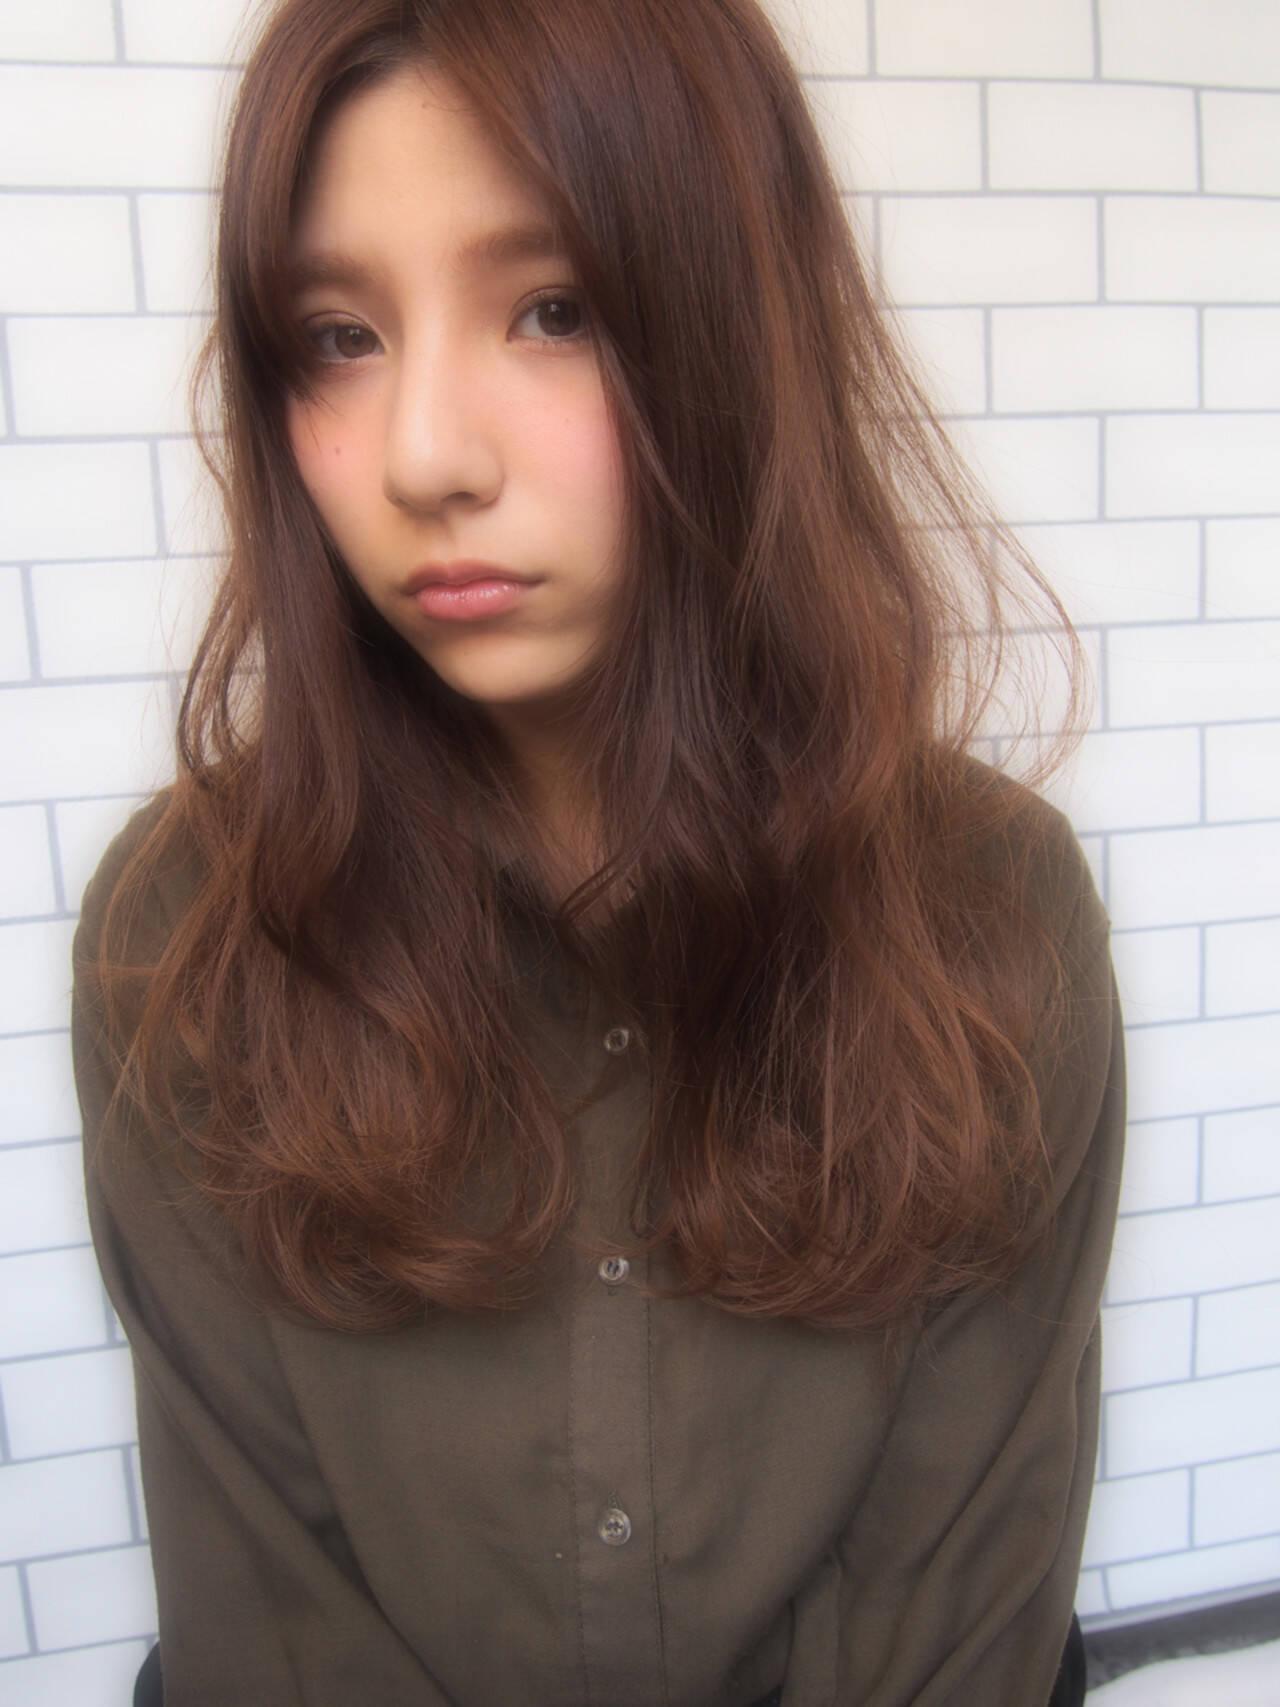 ロング アッシュ グラデーションカラー パーマヘアスタイルや髪型の写真・画像